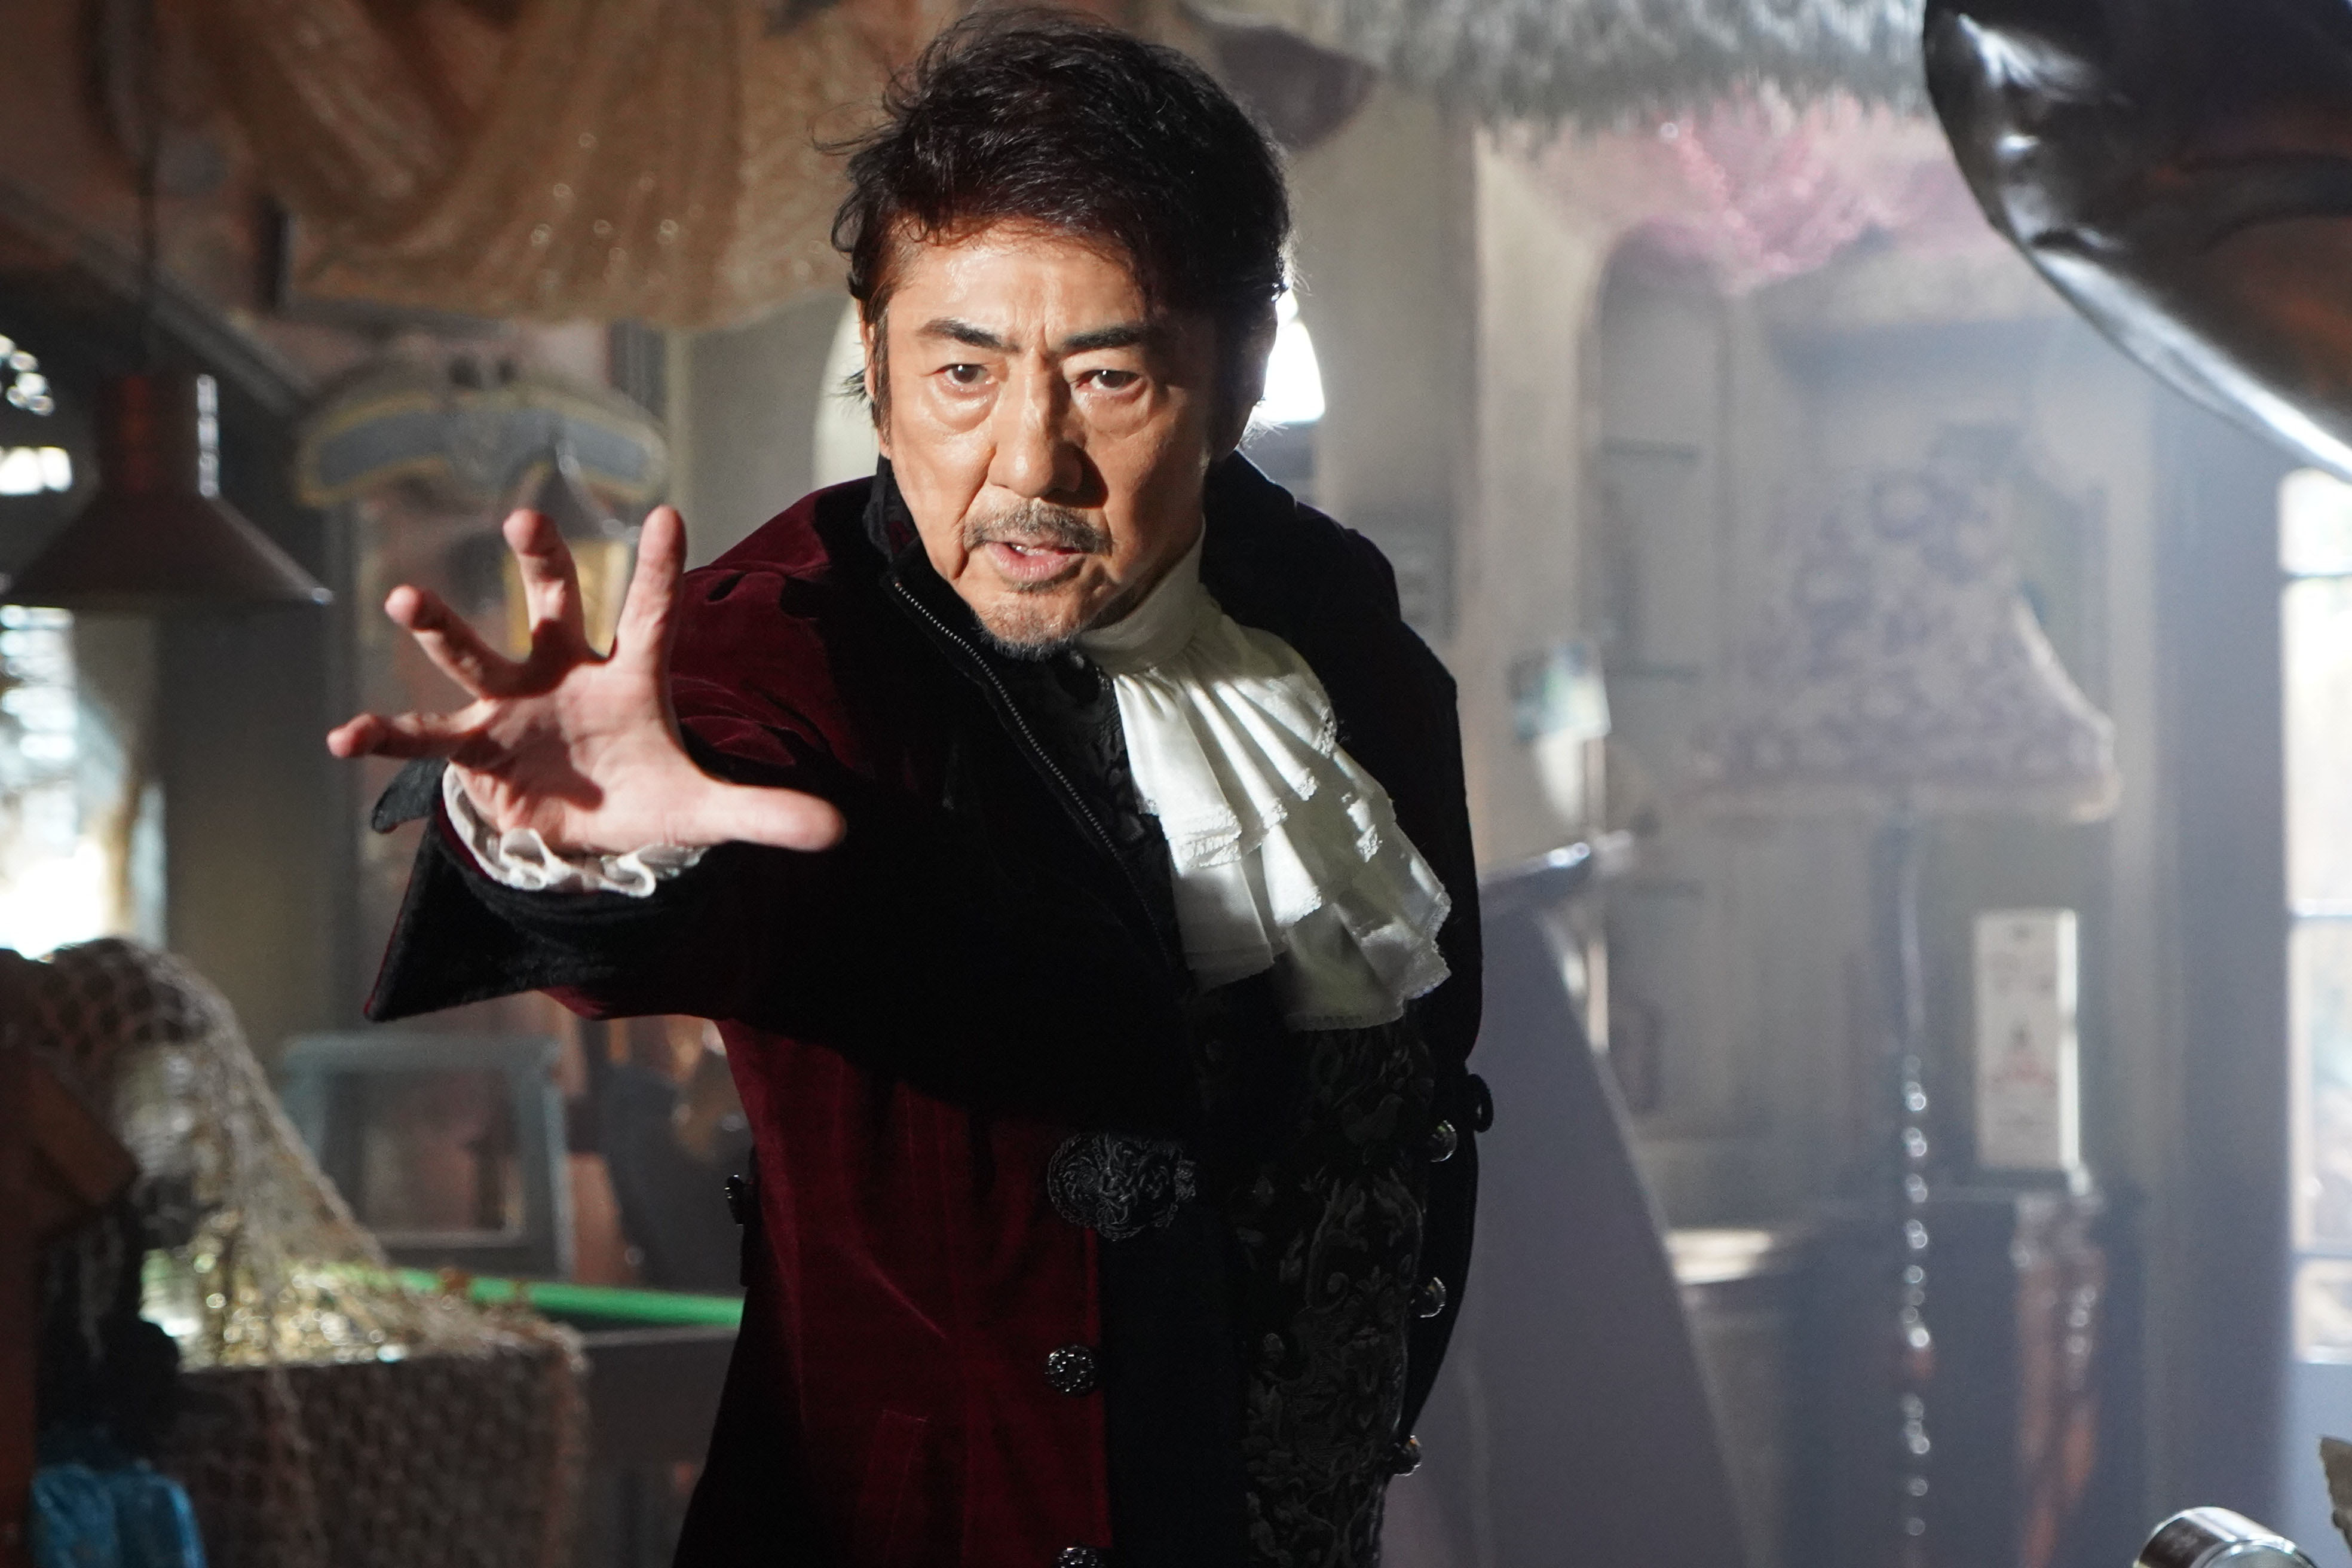 市村正親 (C)横関大/講談社(C)2021「劇場版 ルパンの娘」製作委員会